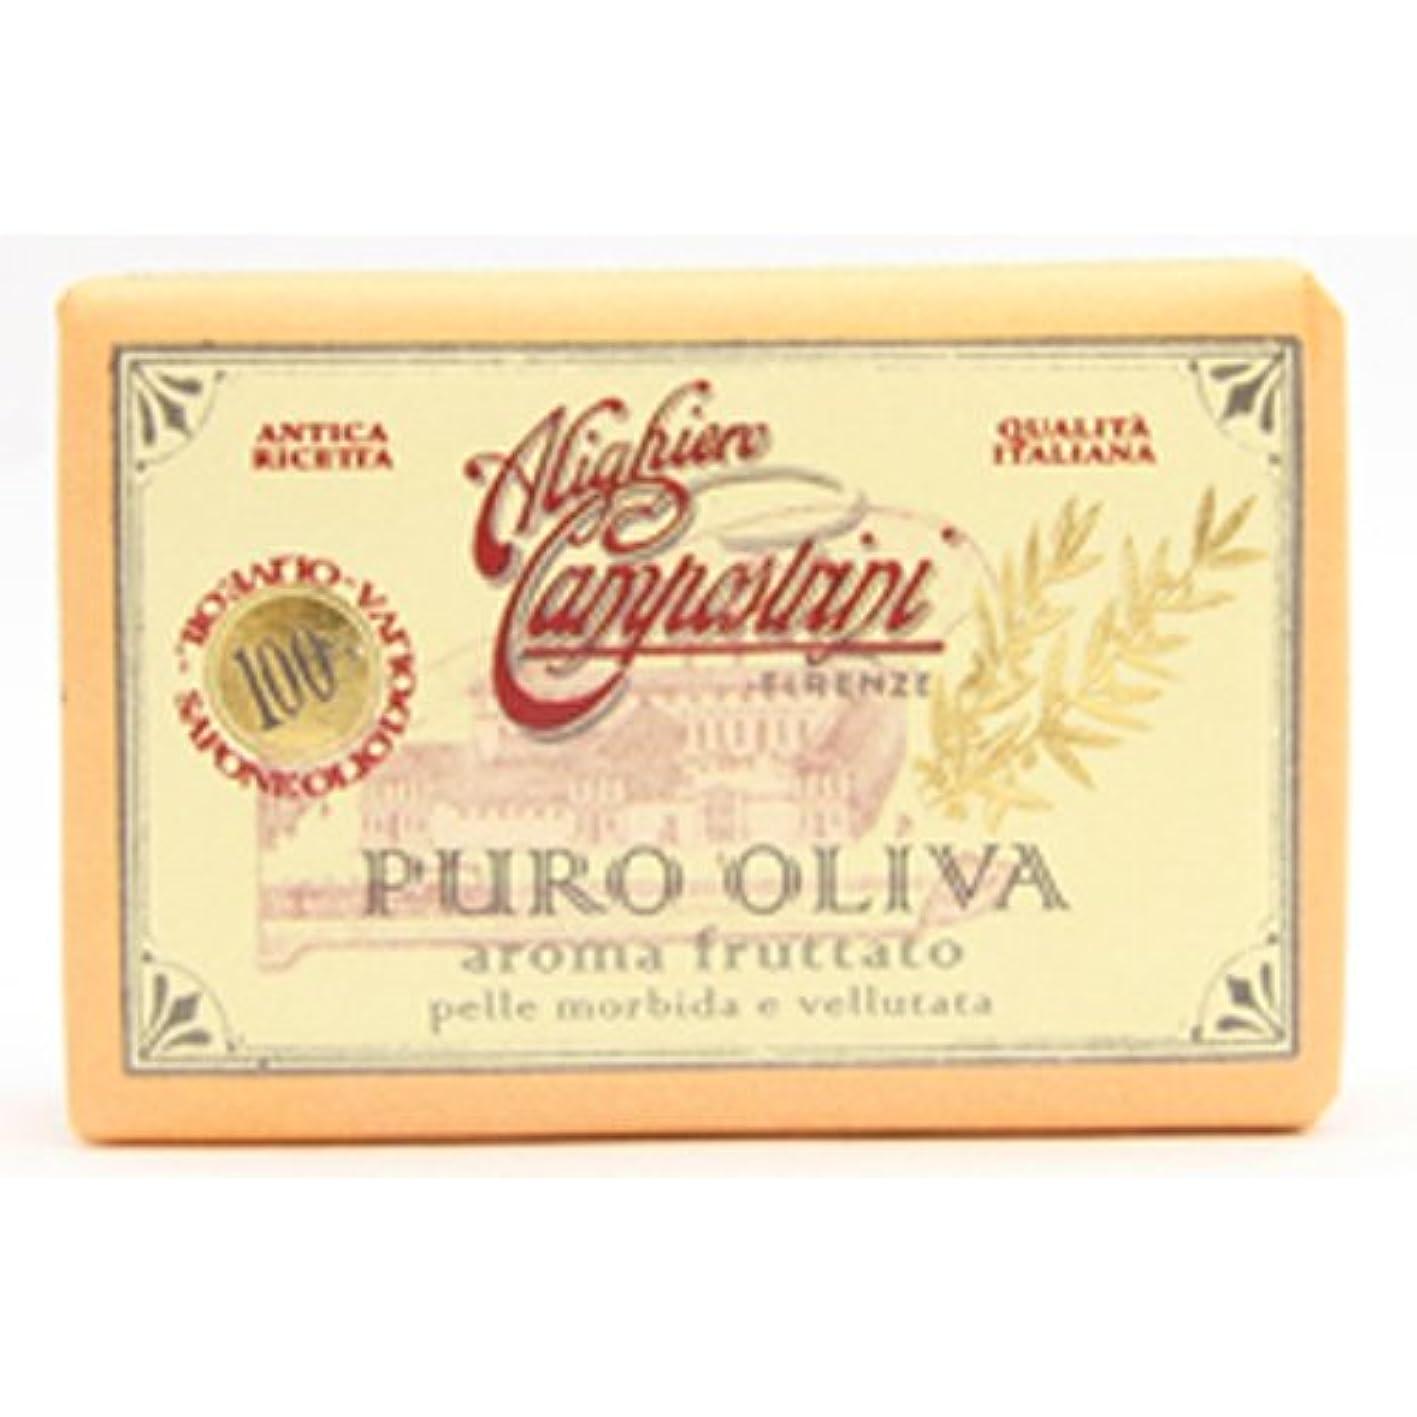 影響するアフリカ人等価Saponerire Fissi サポネリーフィッシー PURO OLIVA Soap オリーブオイル ピュロ ソープ Aroma fruttato フルーツ(オレンジ)